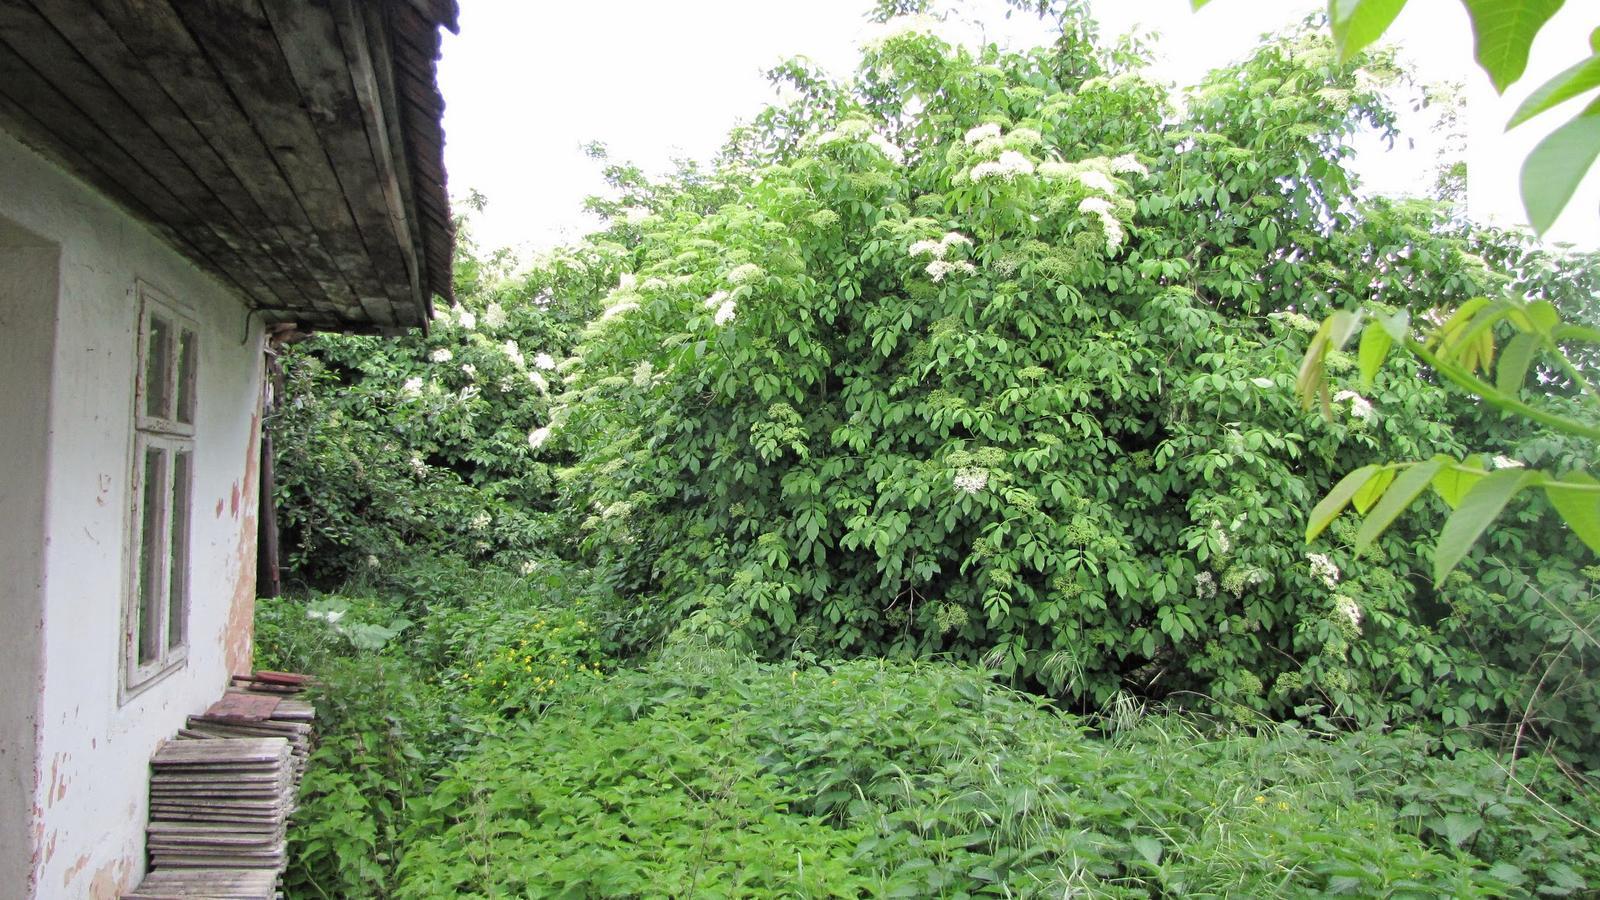 Rekonštrukcia starého domčeka - Pohľad do záhrady od dvora.(Džungla)Neviem čo s stým budem robiť ,asi chovať opice.